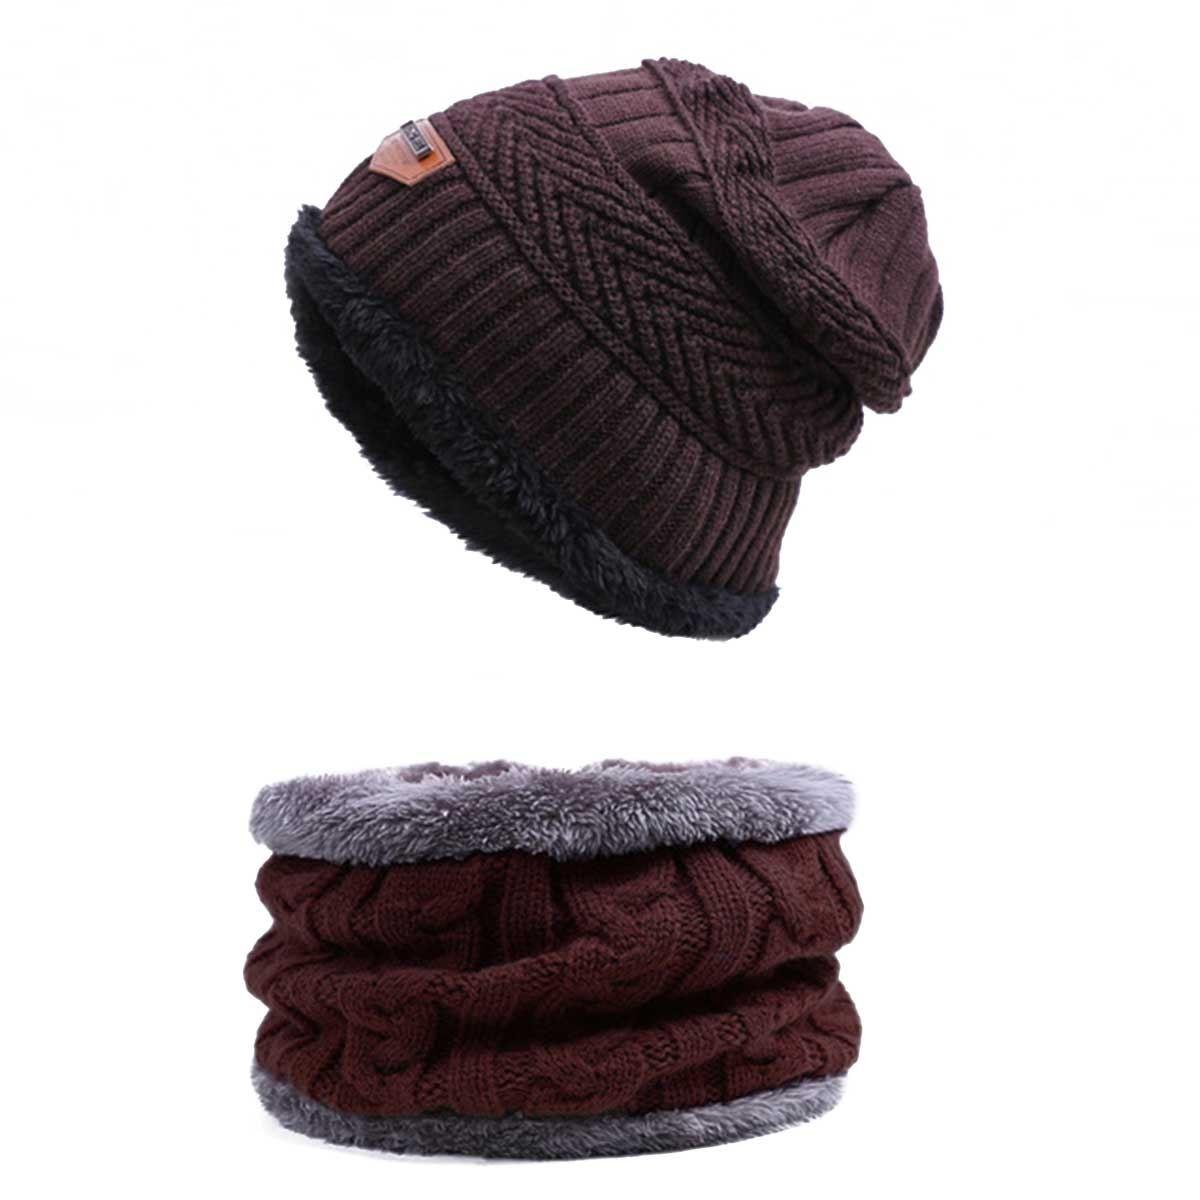 Evrfelan, комплект из двух предметов, зимняя шапка и шарф для мужчин, зимние шапочки, шарфы, мужские зимние комплекты, толстый хлопок, теплые зимние аксессуары - Цвет: B